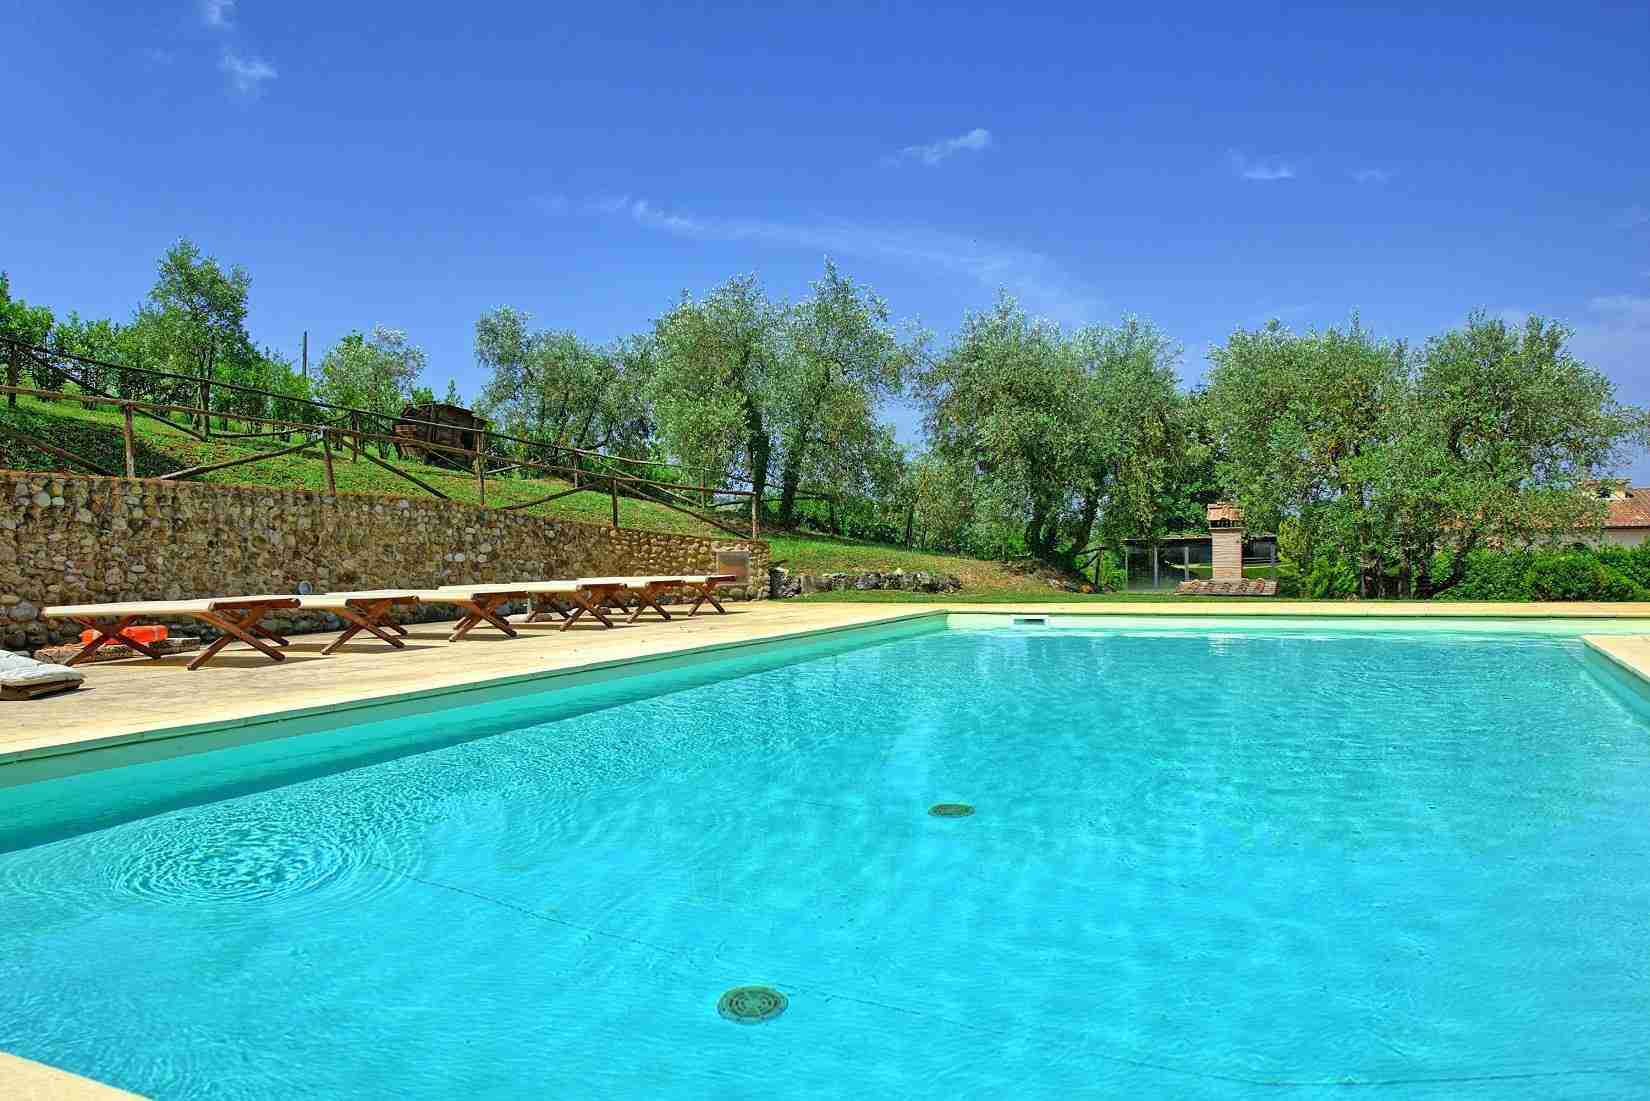 28 Ranieri pool